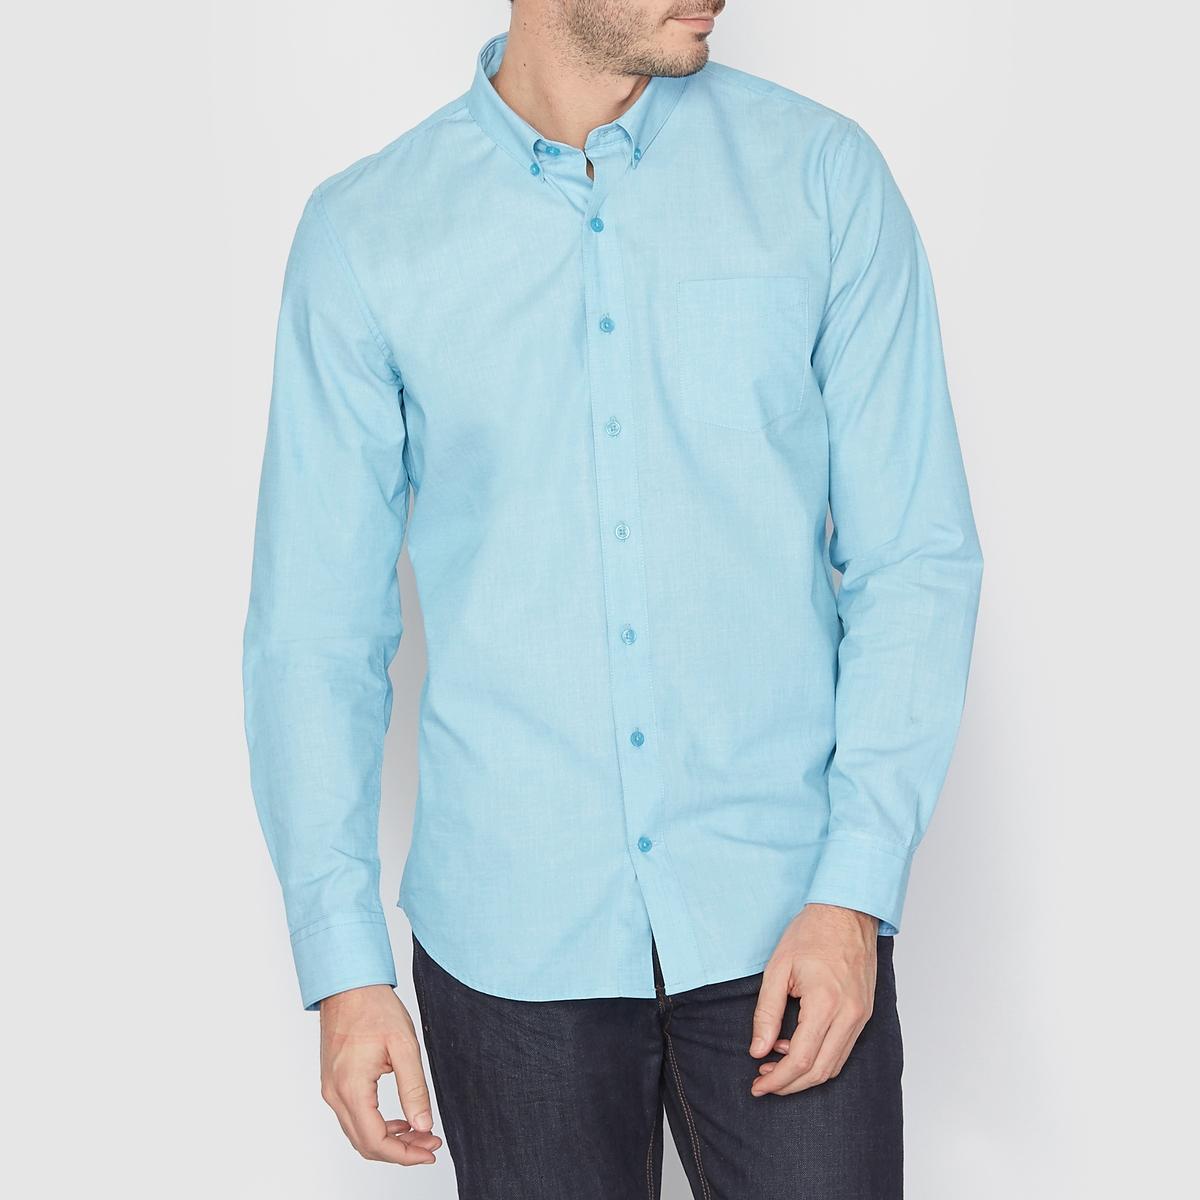 Рубашка прямого покроя с длинными рукавами на пуговицахРубашка с длинными рукавами. Прямой покрой, уголки воротника на пуговицах. Нагрудный карман. Закругленный низ. Длина 77,5 см. Рубашка из 100% хлопка<br><br>Цвет: голубой бирюзовый,темно-синий<br>Размер: 39/40.43/44.37/38